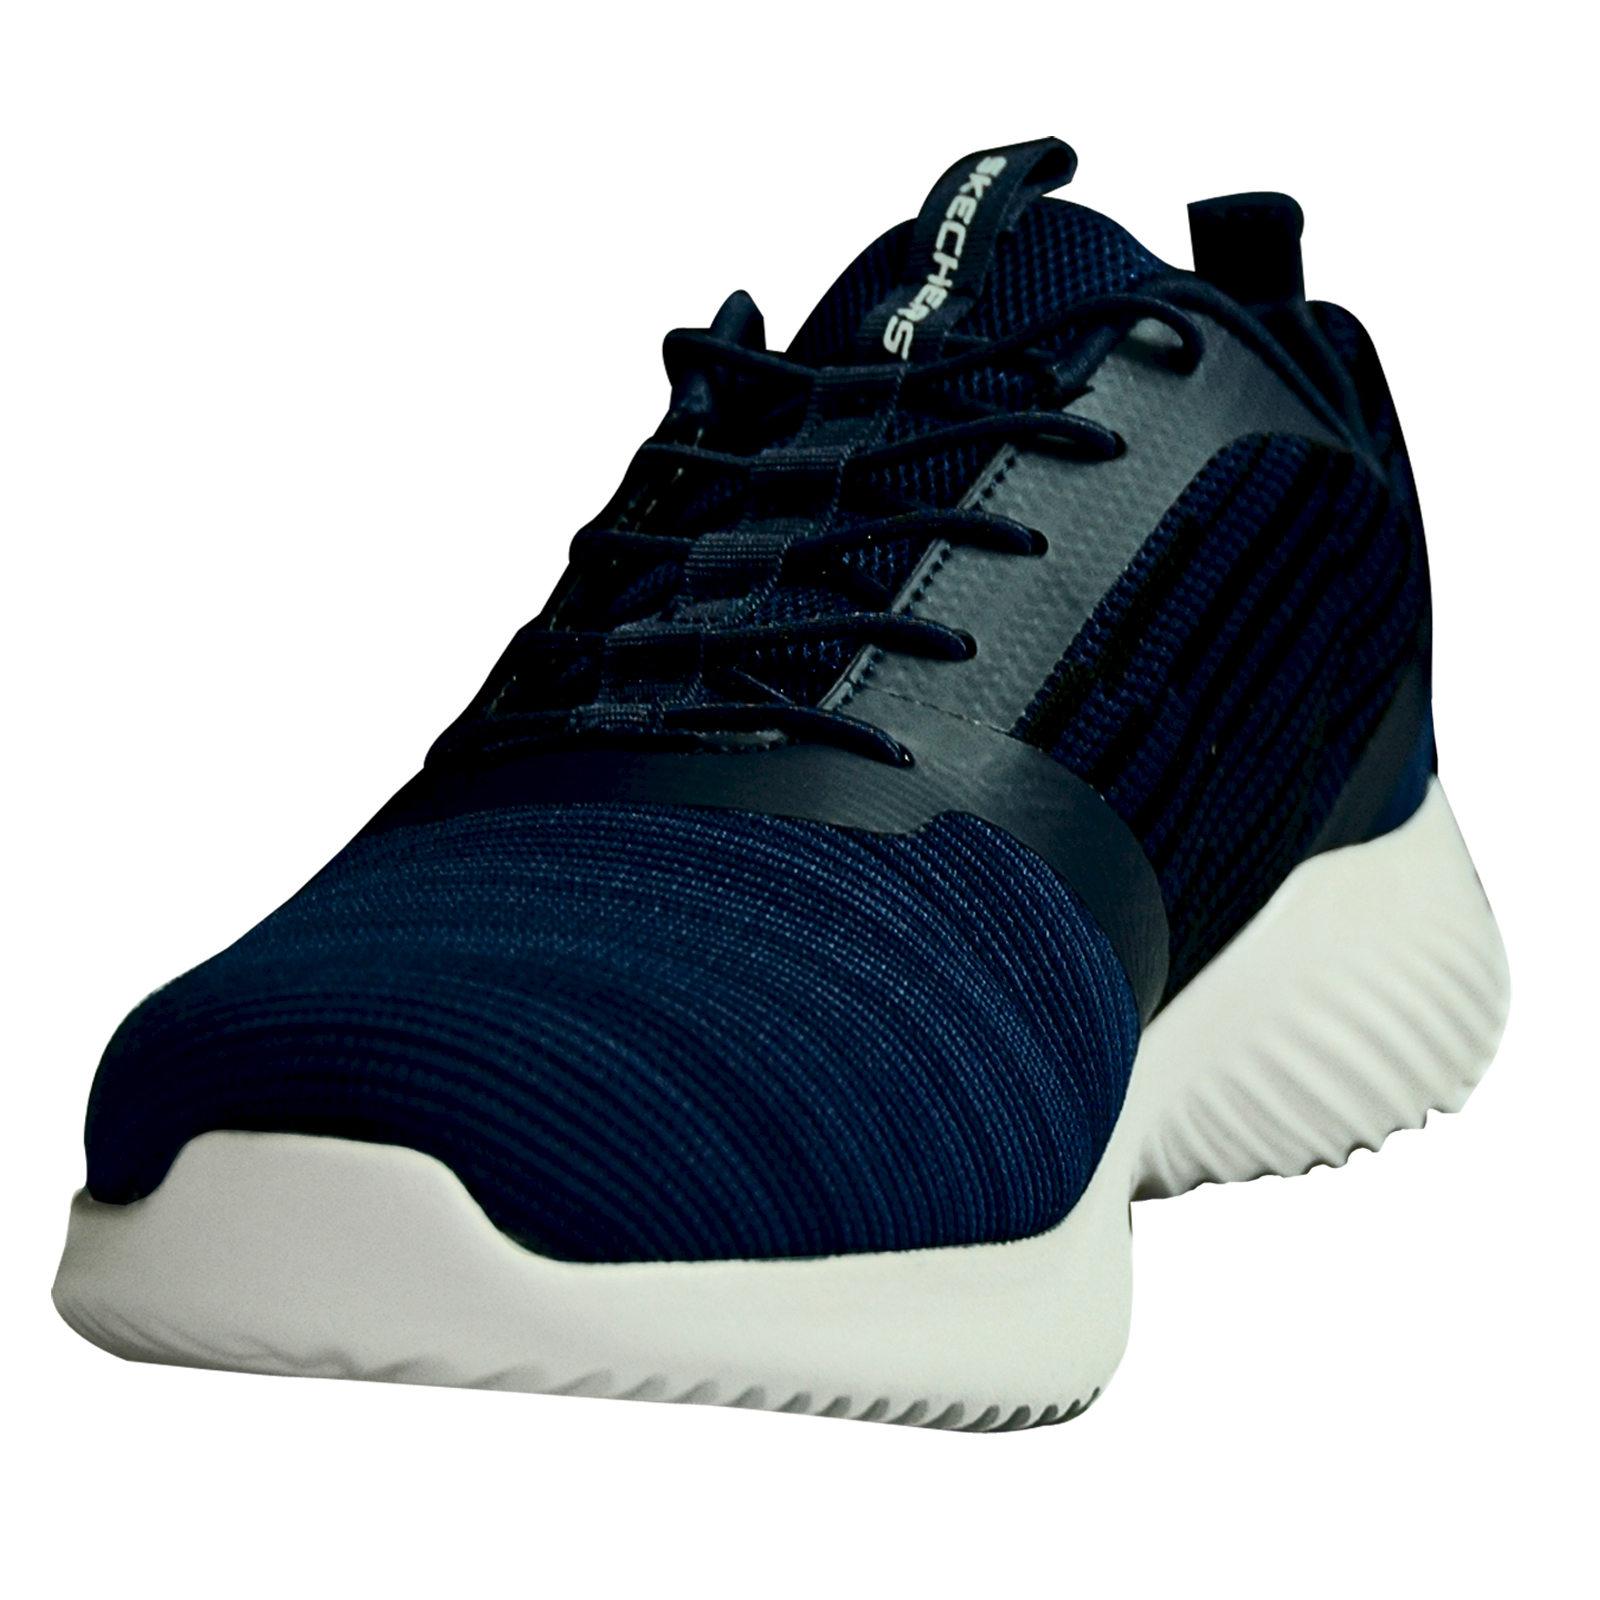 Cerdito peso Bailarín  Skechers Men Sneakers Navy 52504 Nvy, Bounder   eBay